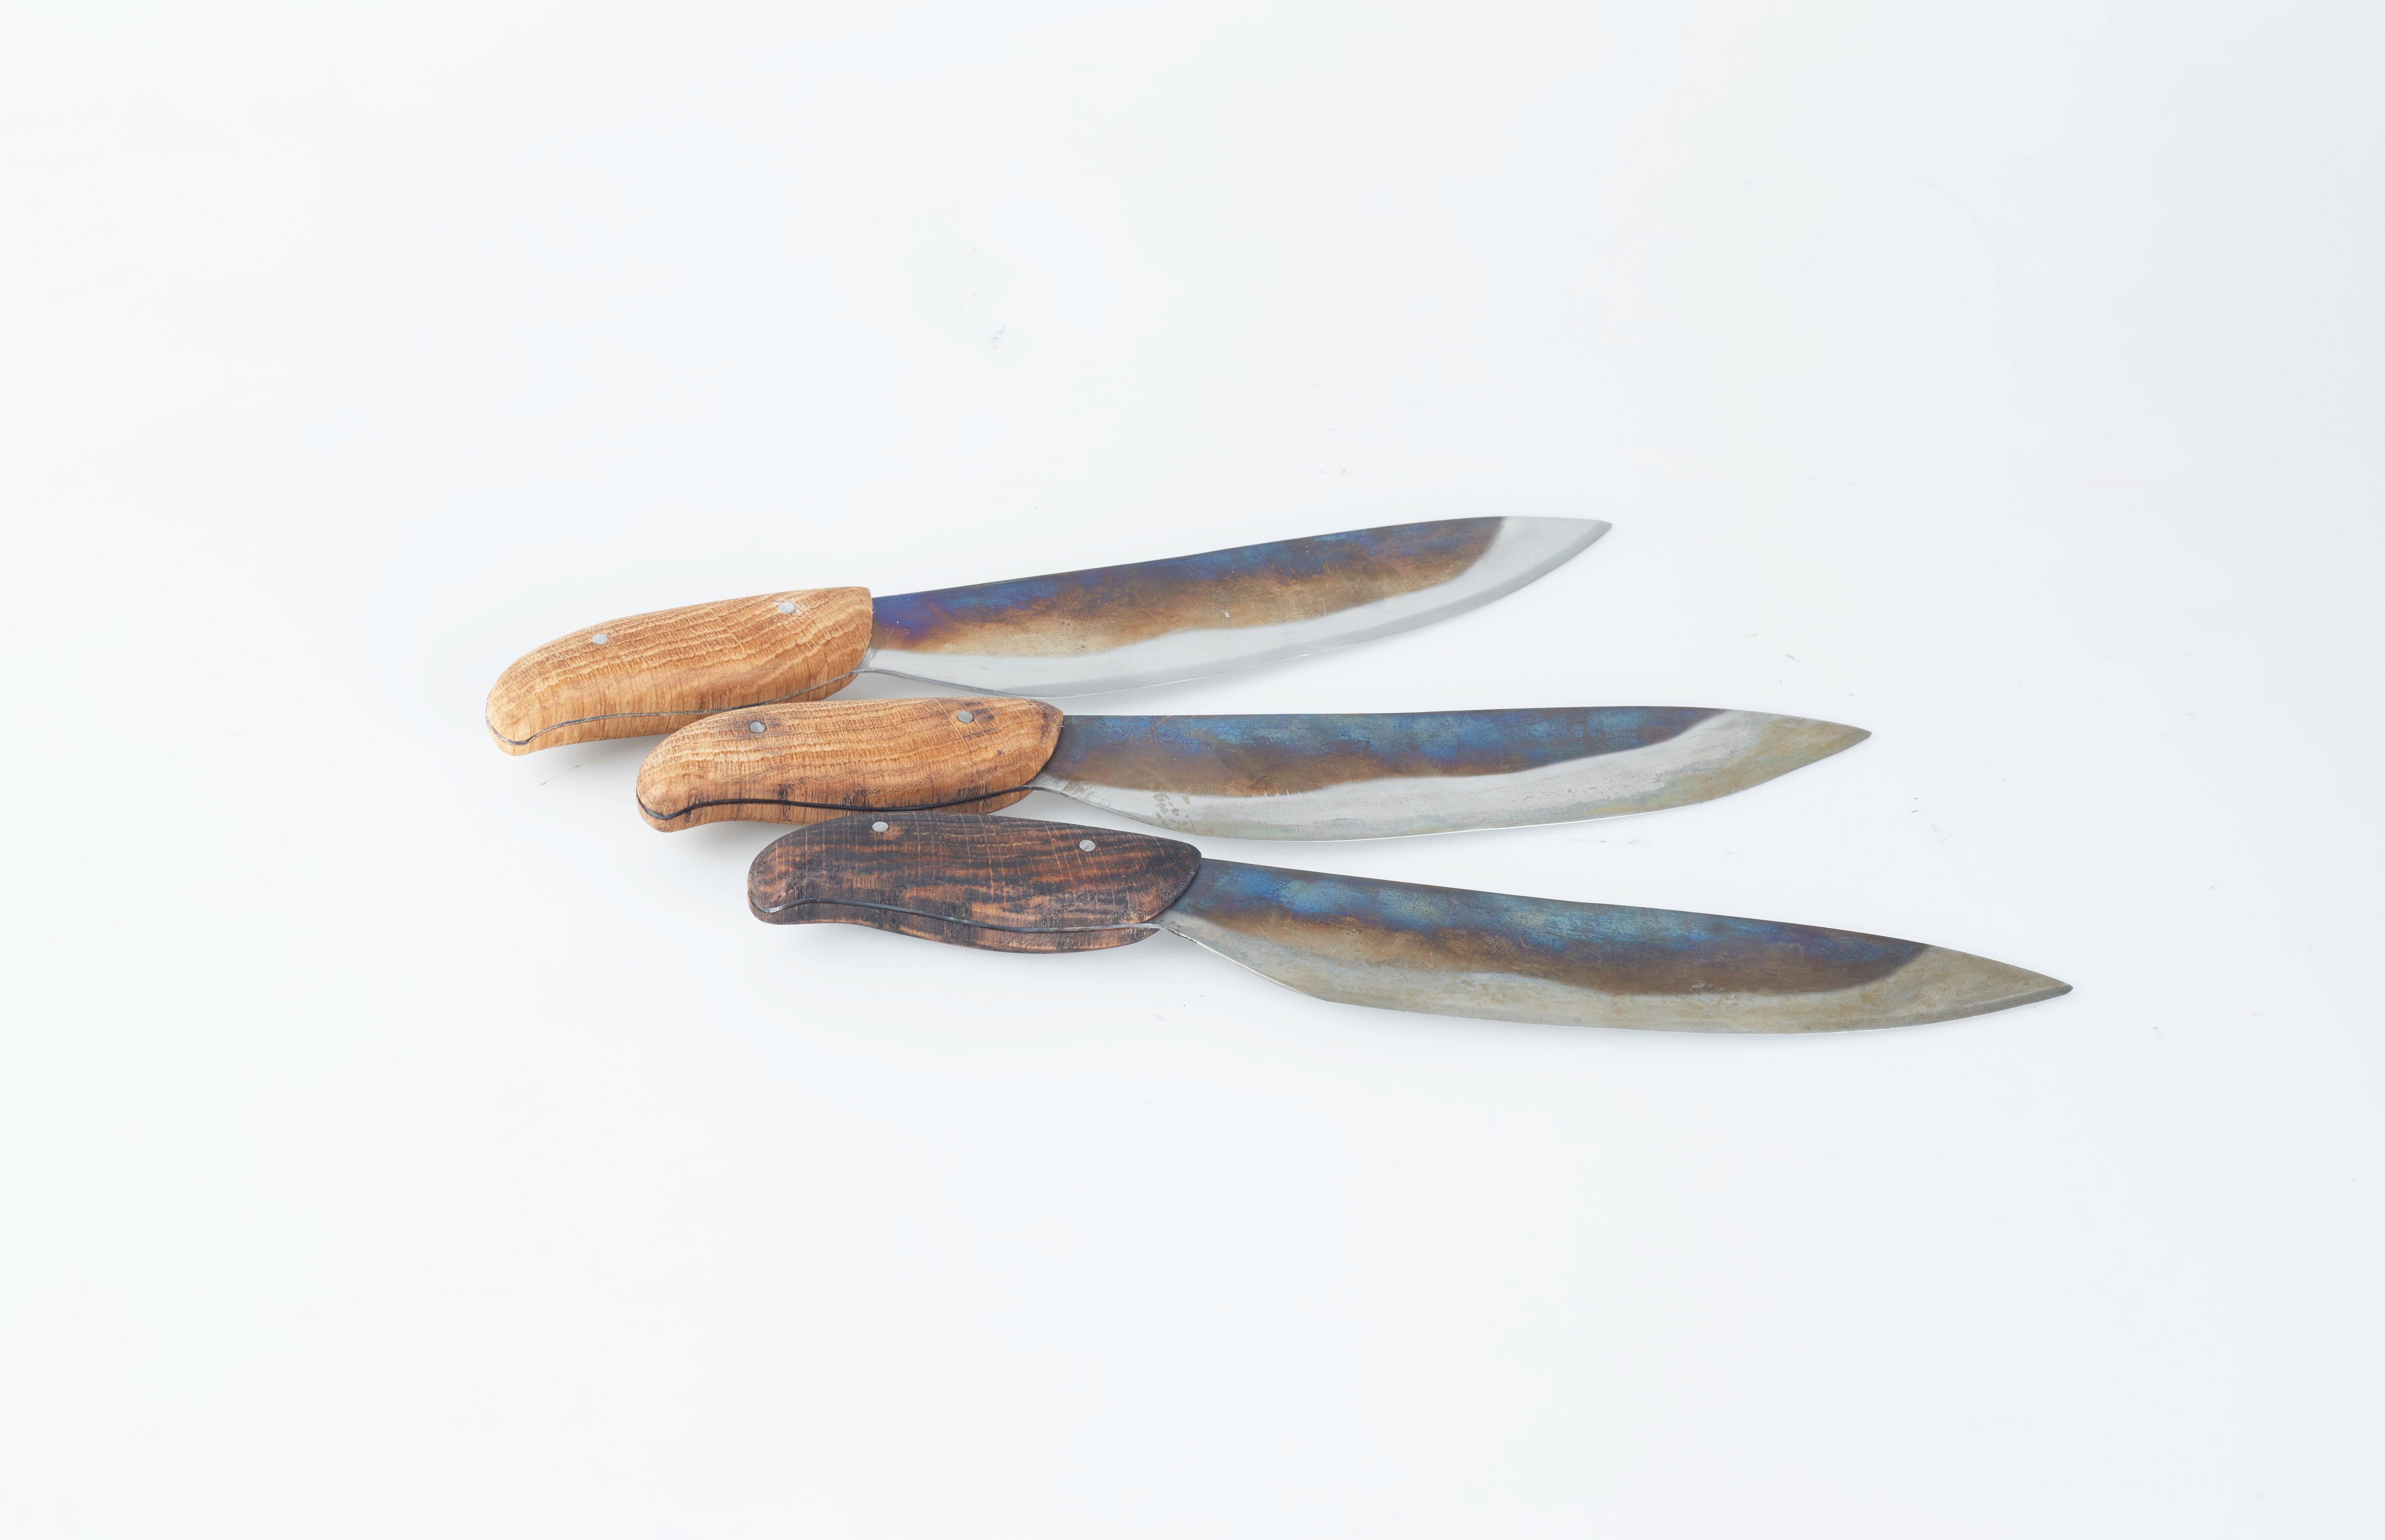 Messer mit Gebrauchsspuren